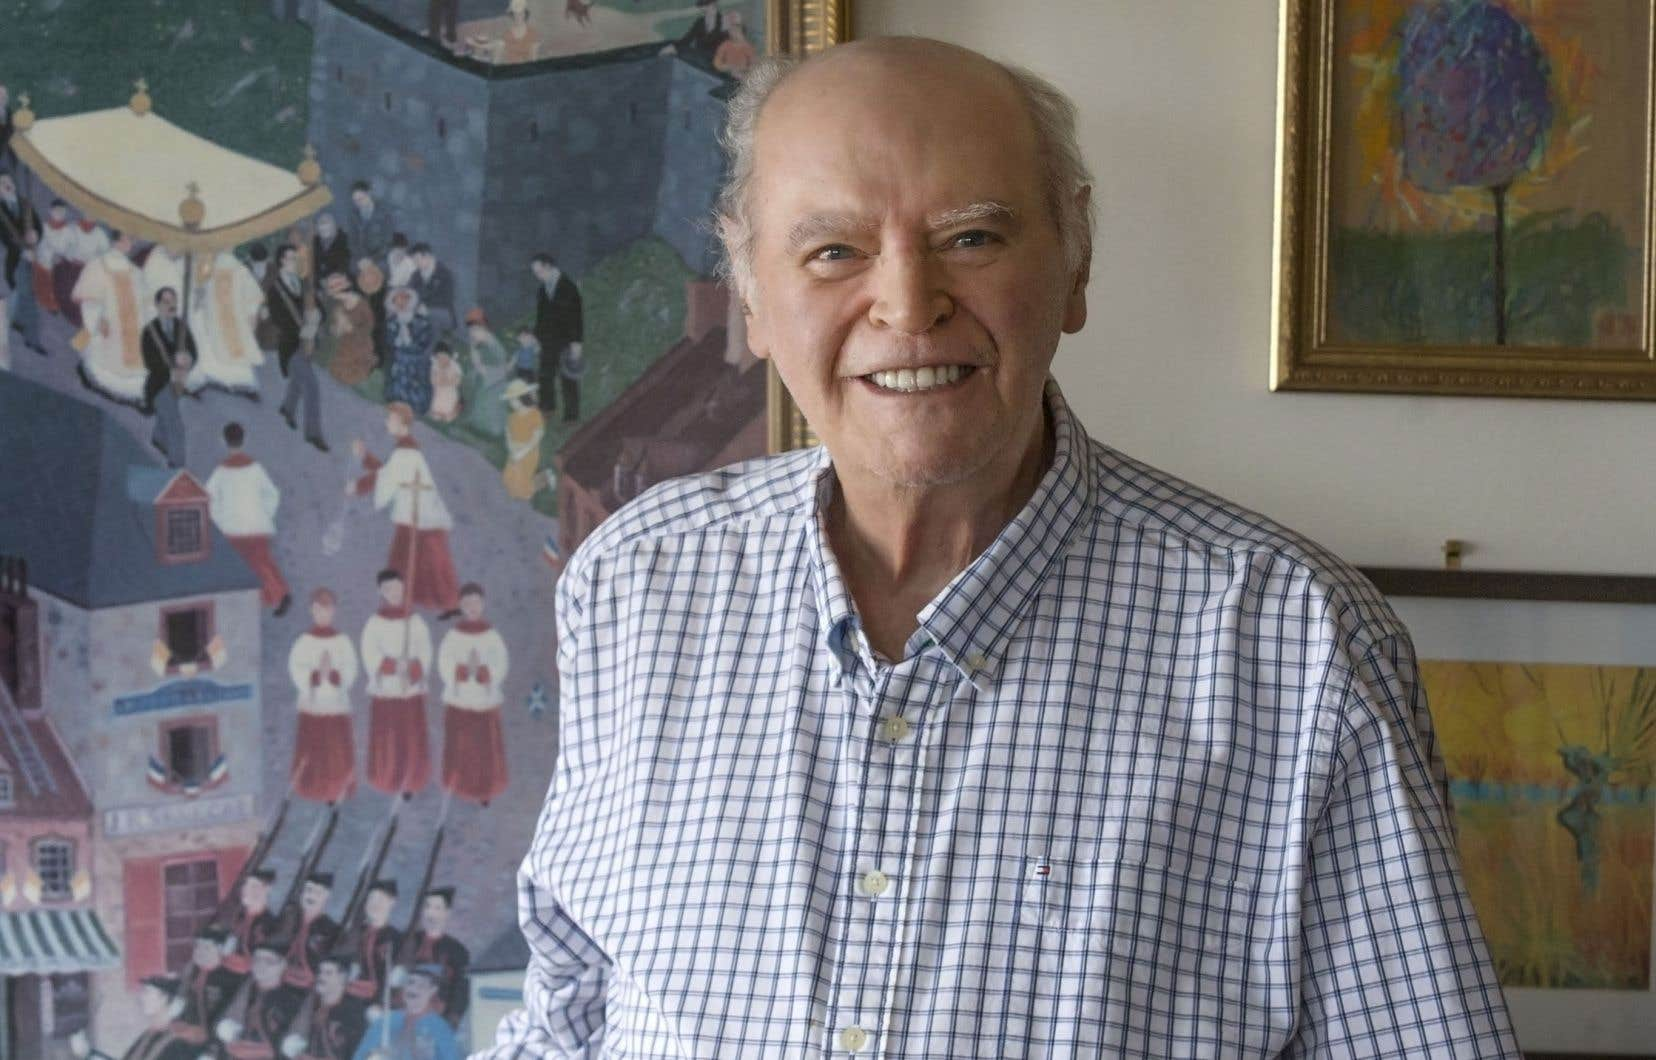 Paul Cliche est né en 1935 à Saint-Joseph-de-Beauce au sein d'une famille de tradition authentiquement rouge, clan marqué par les libéraux de 1867 qui, fidèles à Papineau, s'étaient opposés à la Confédération.